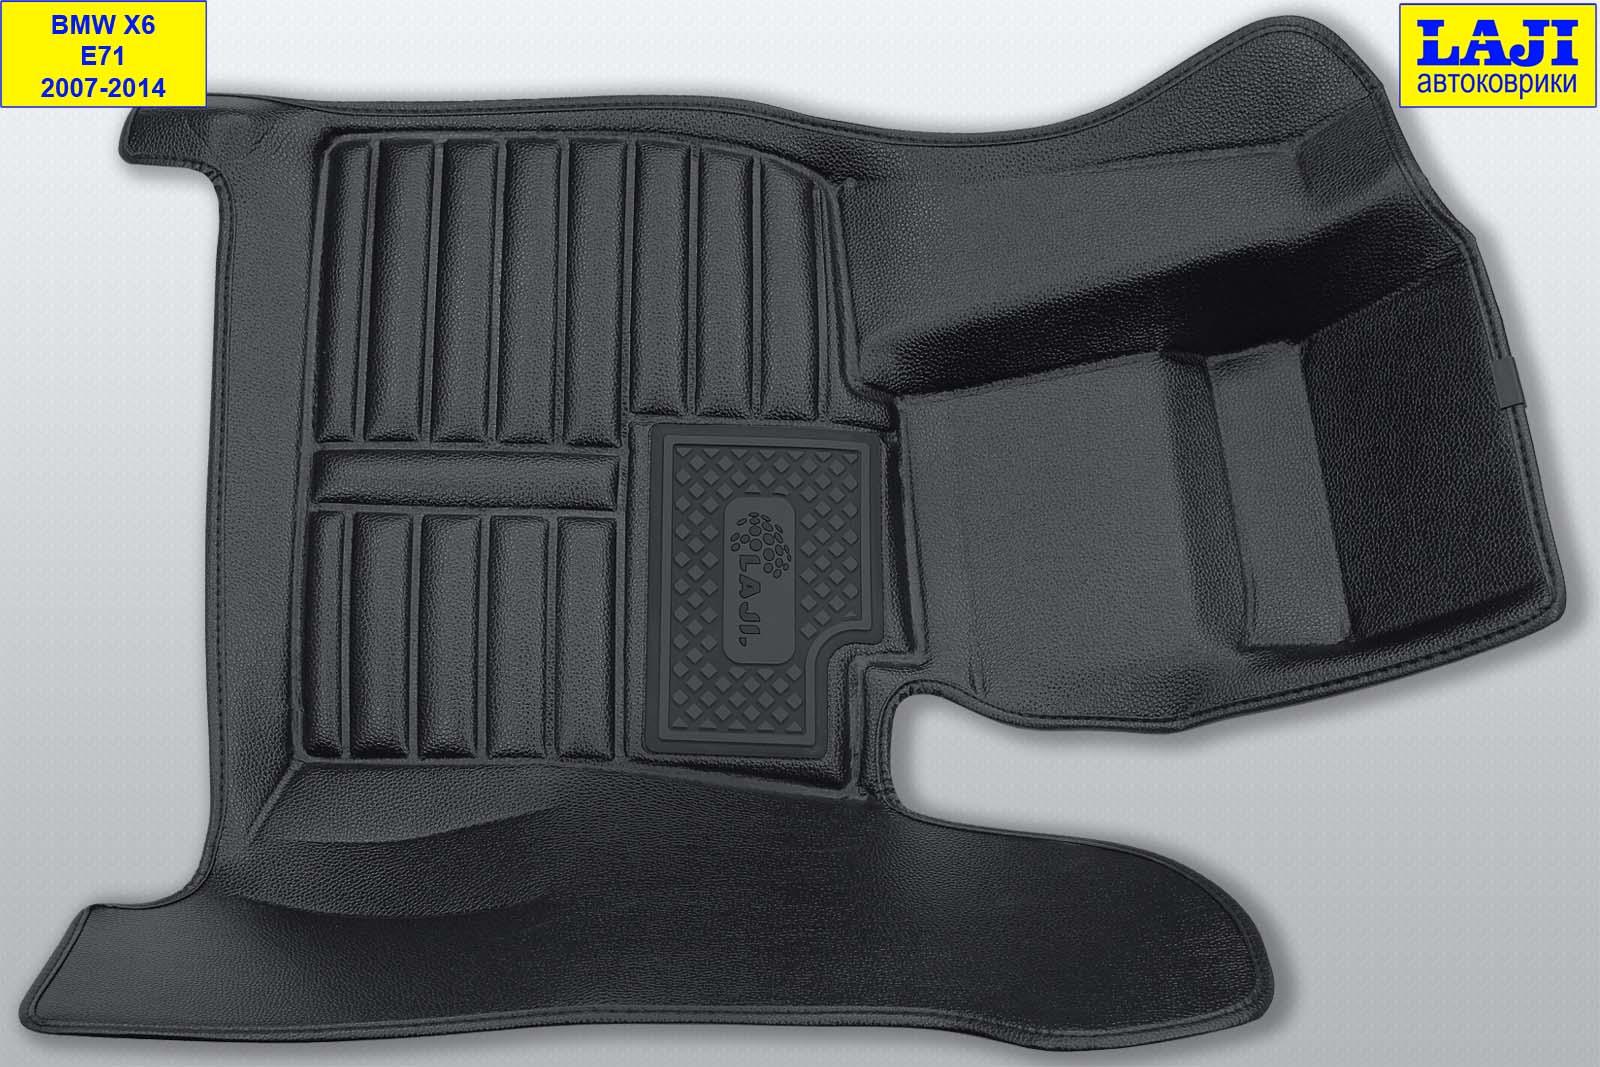 5D коврики в салон BMW X6 (E71) 2007-2014 2